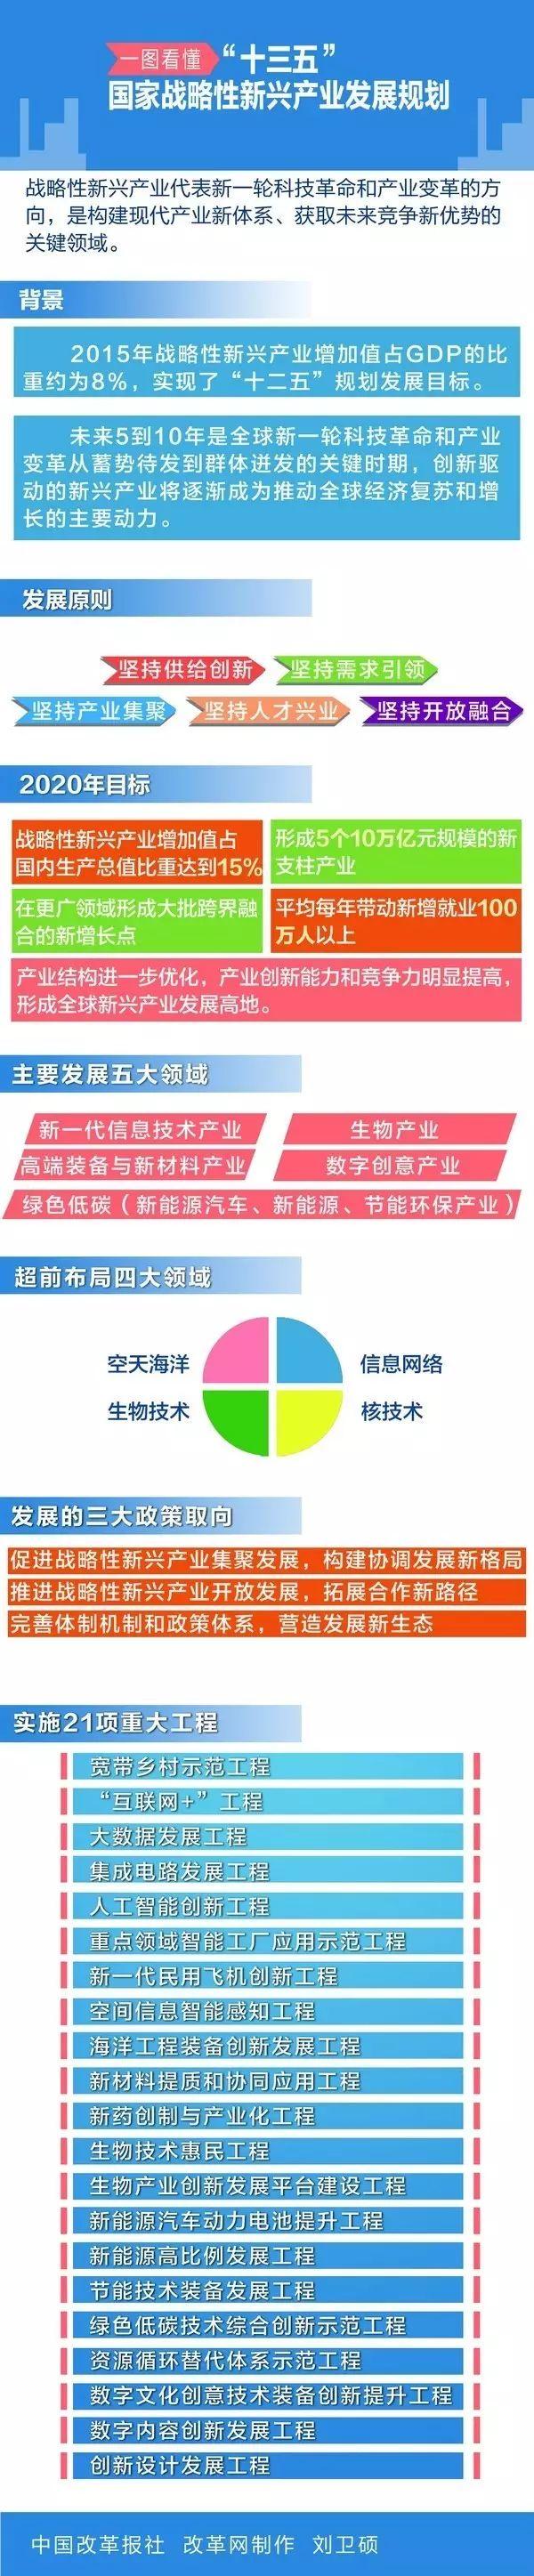 新版战略性新兴产业指导目录发布,新增16个重点方向